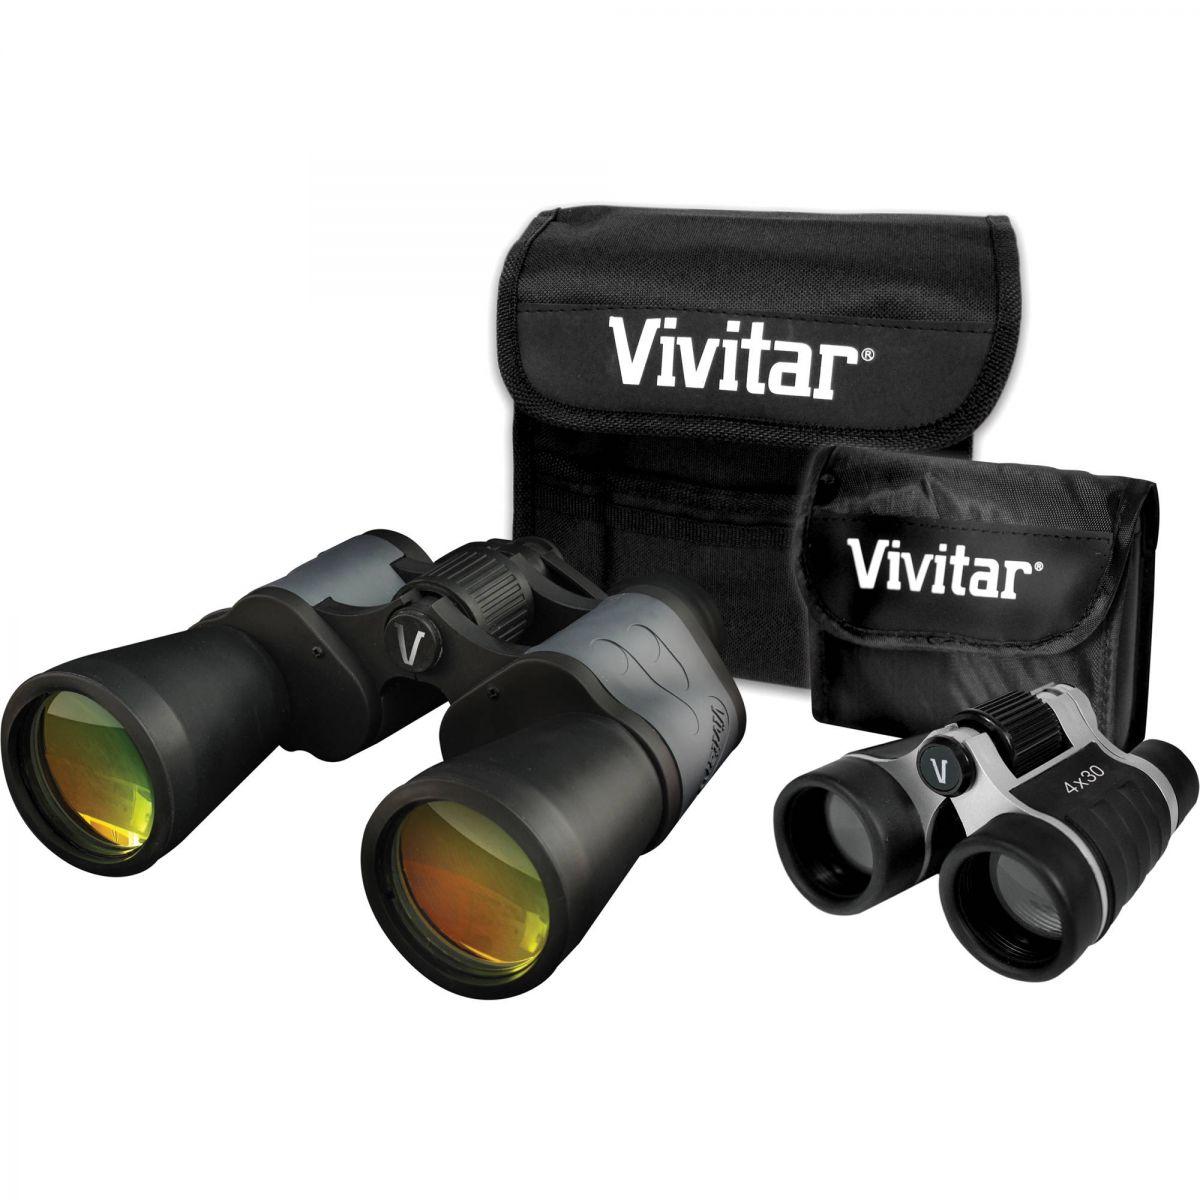 Par De Binóculos Vivitar Zoom 8x50 E 4x30 - VIV-VS-843